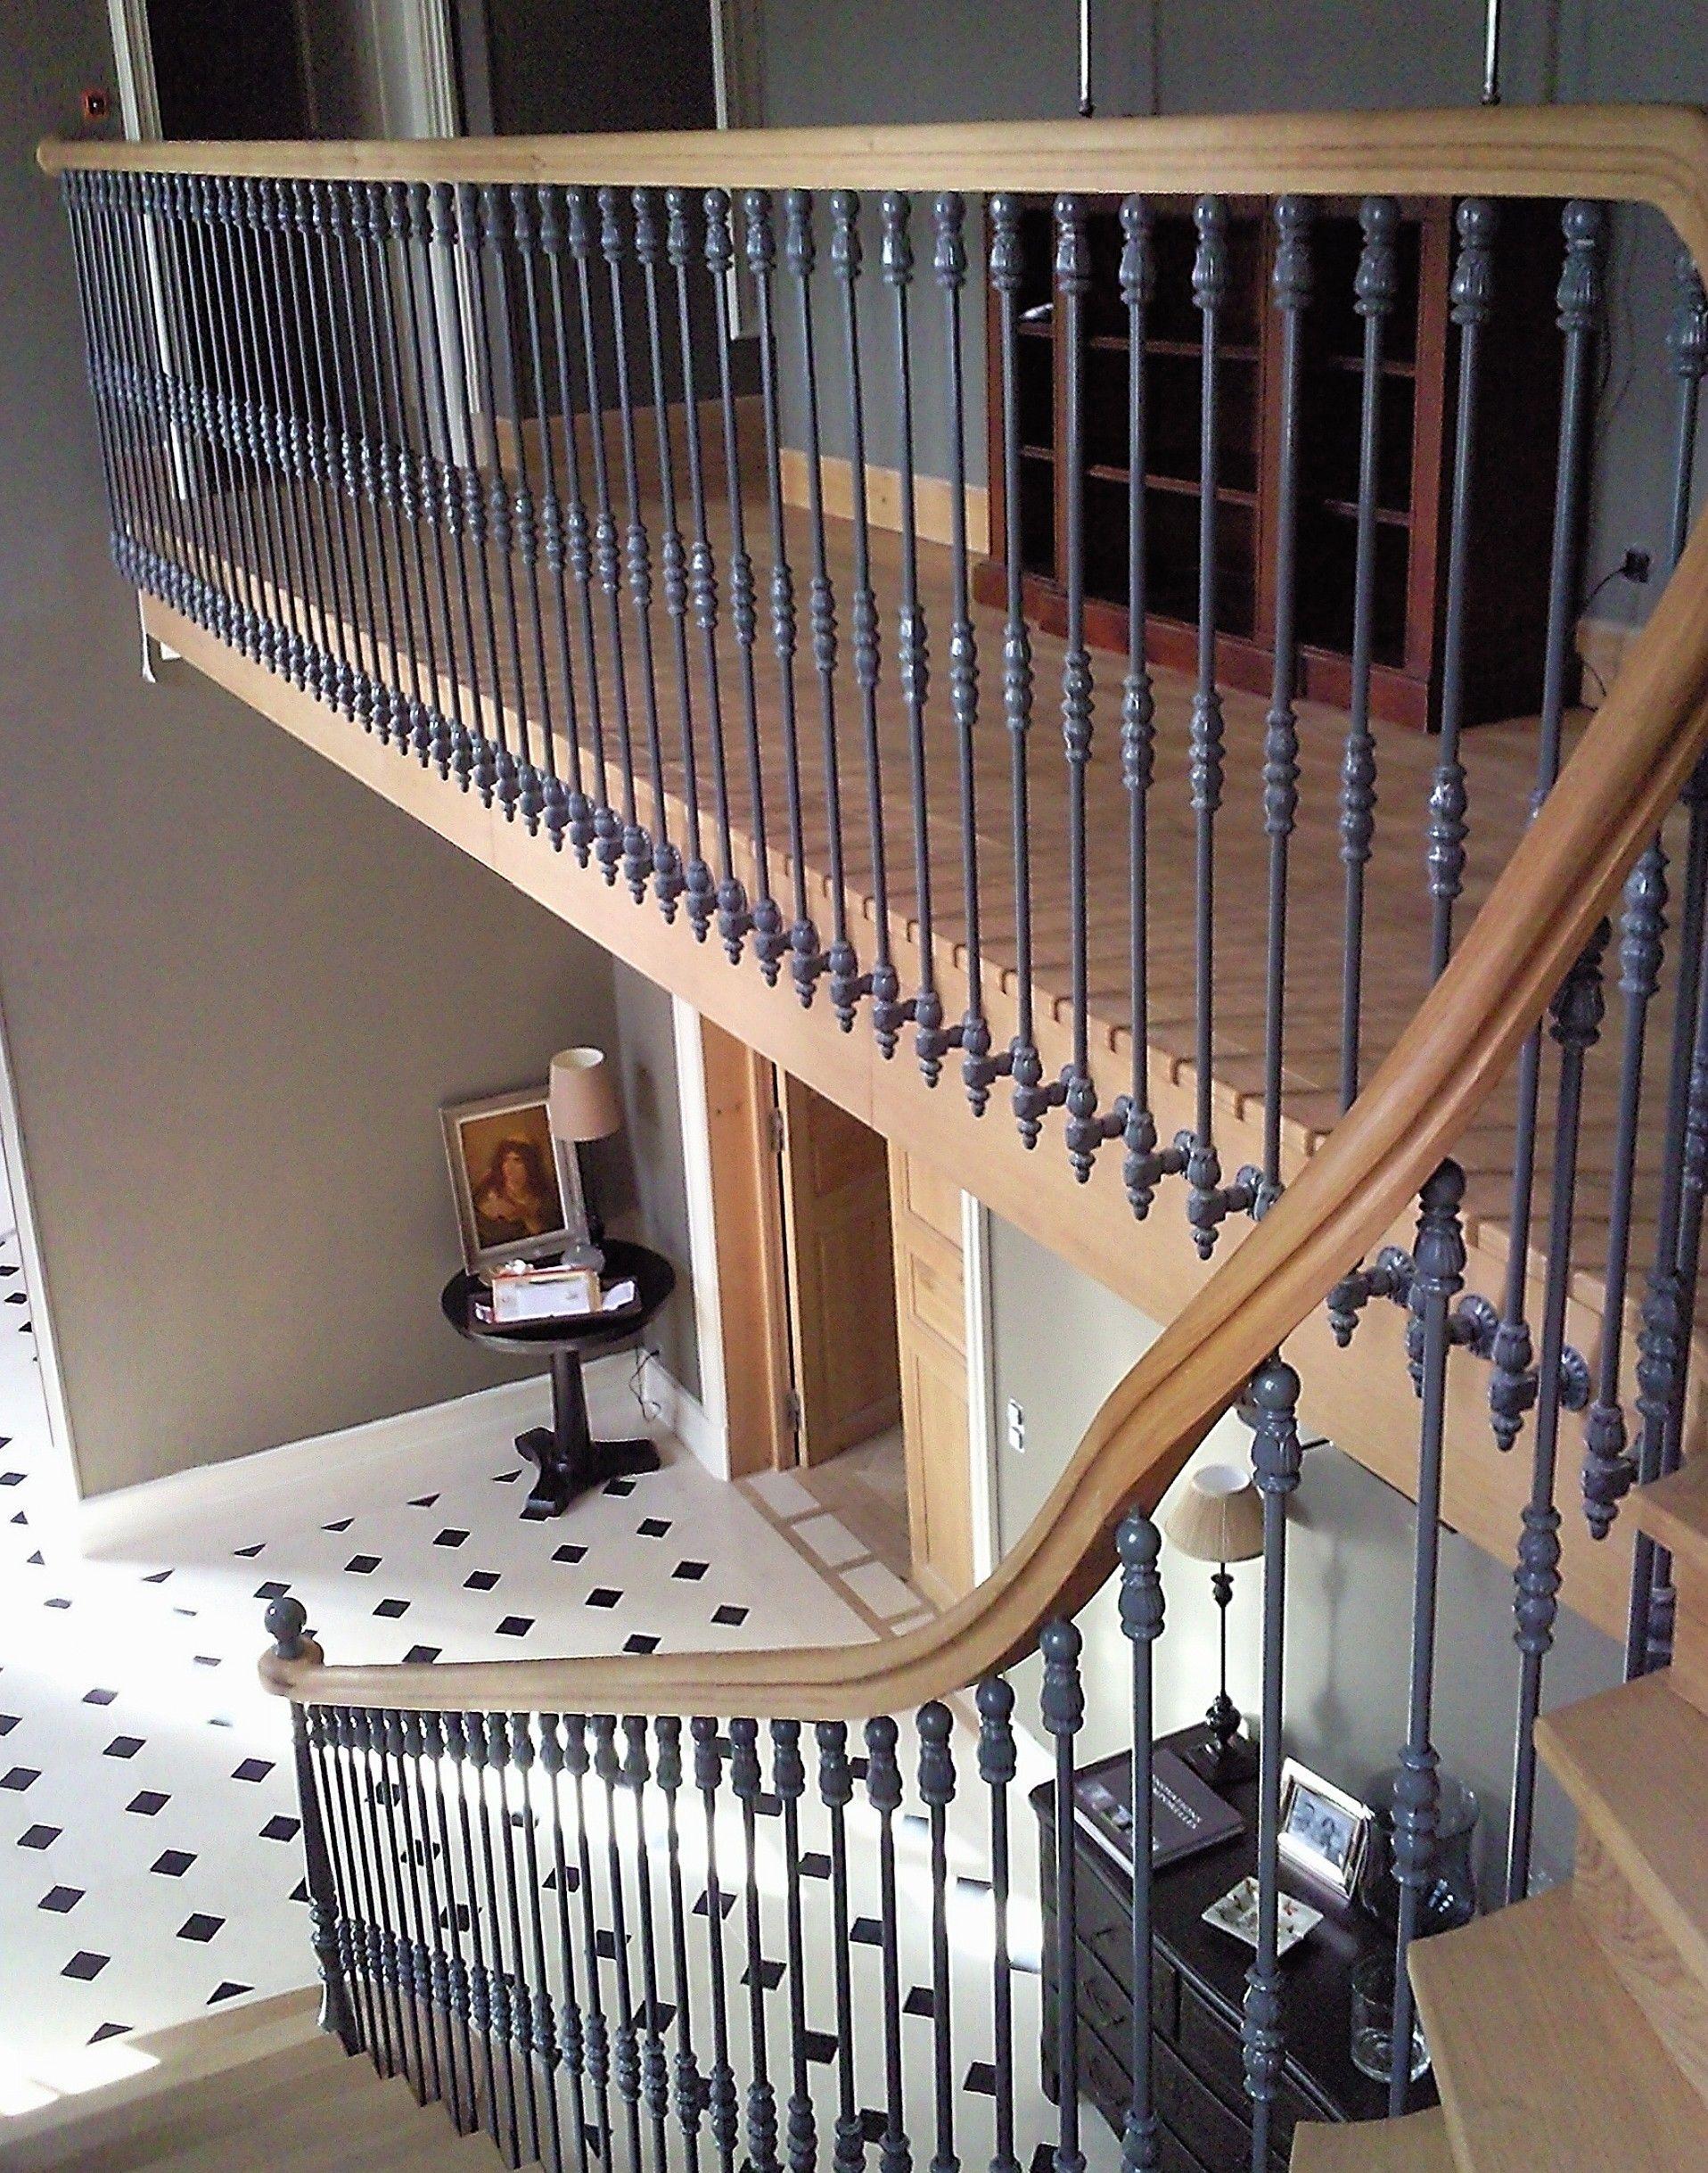 Barriere Escalier En Colimaçon Épinglé sur piaules